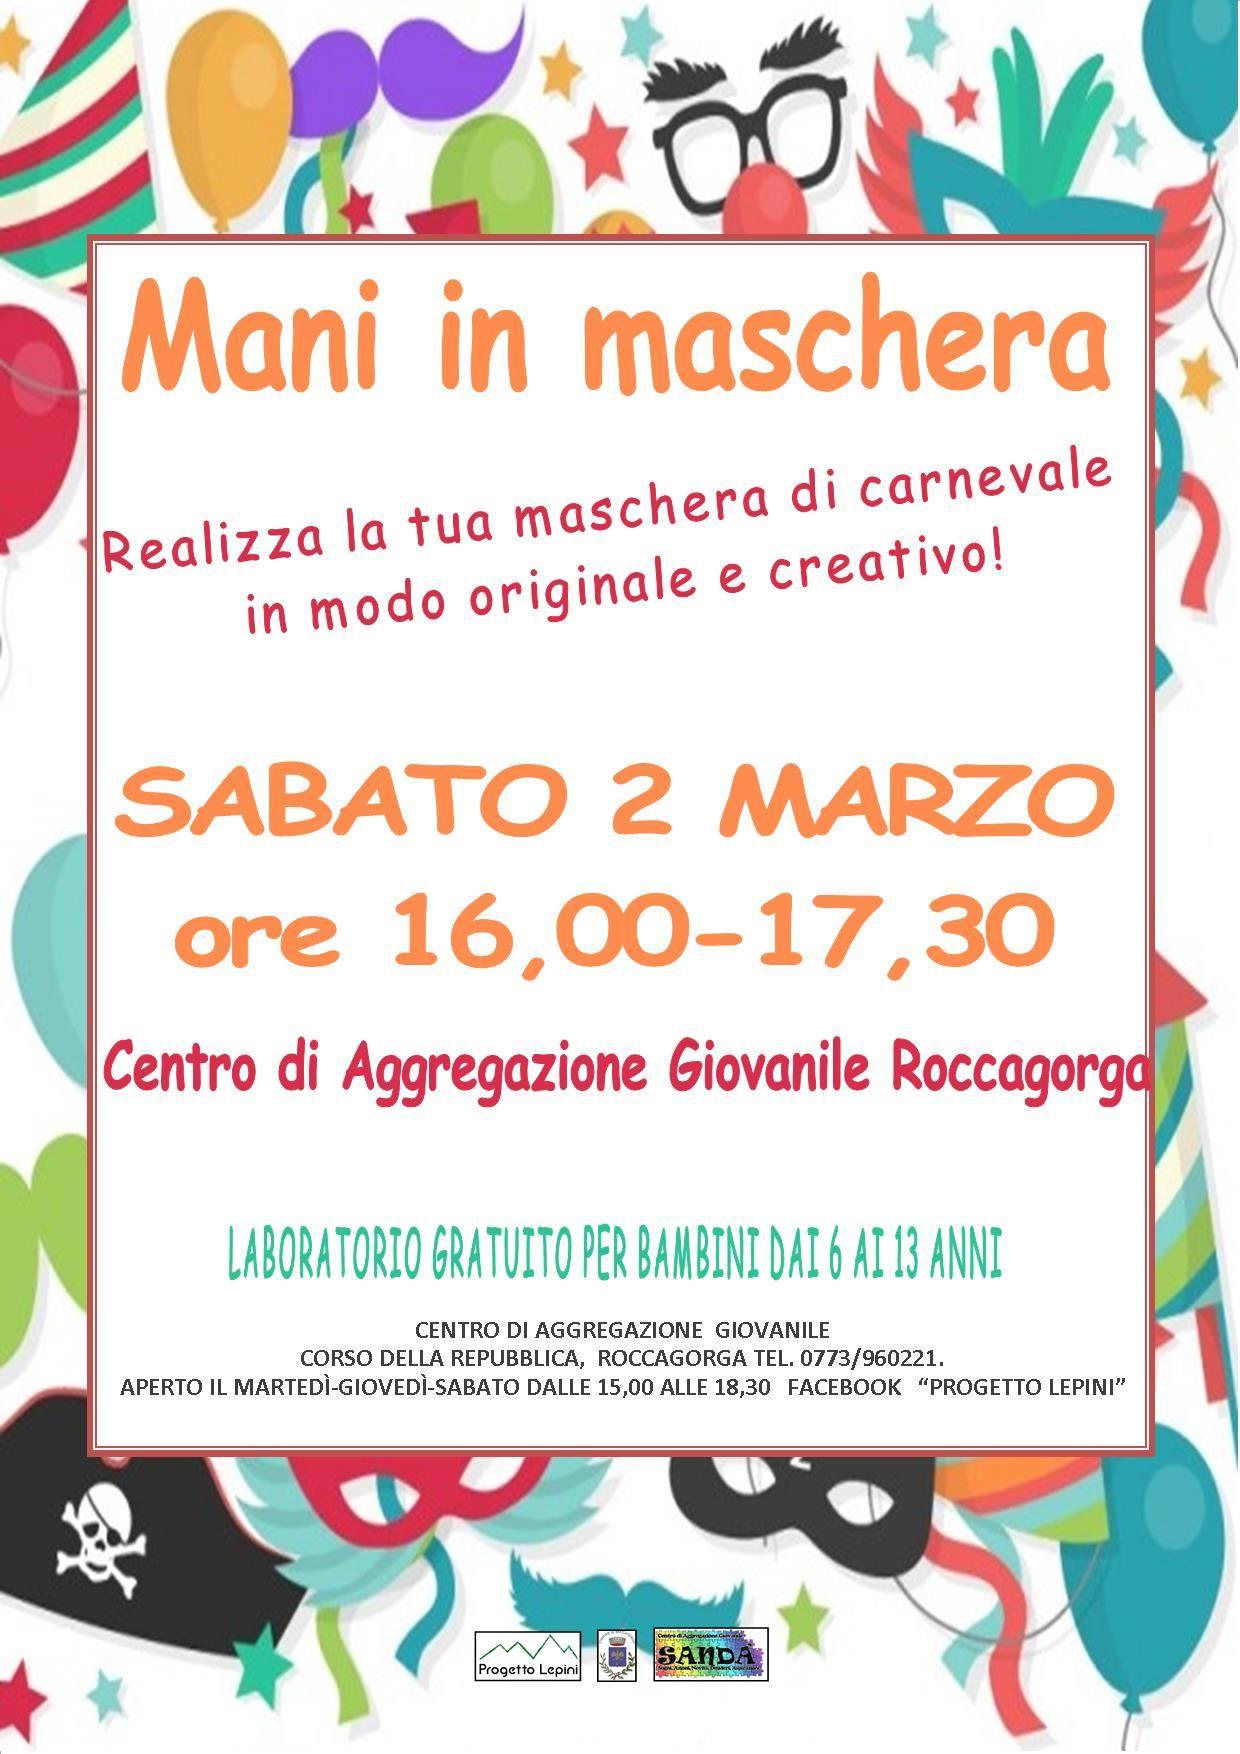 Roccagorga: Mani in maschera @ centro di aggregazione giovanile Roccagorga | Roccagorga | Lazio | Italia